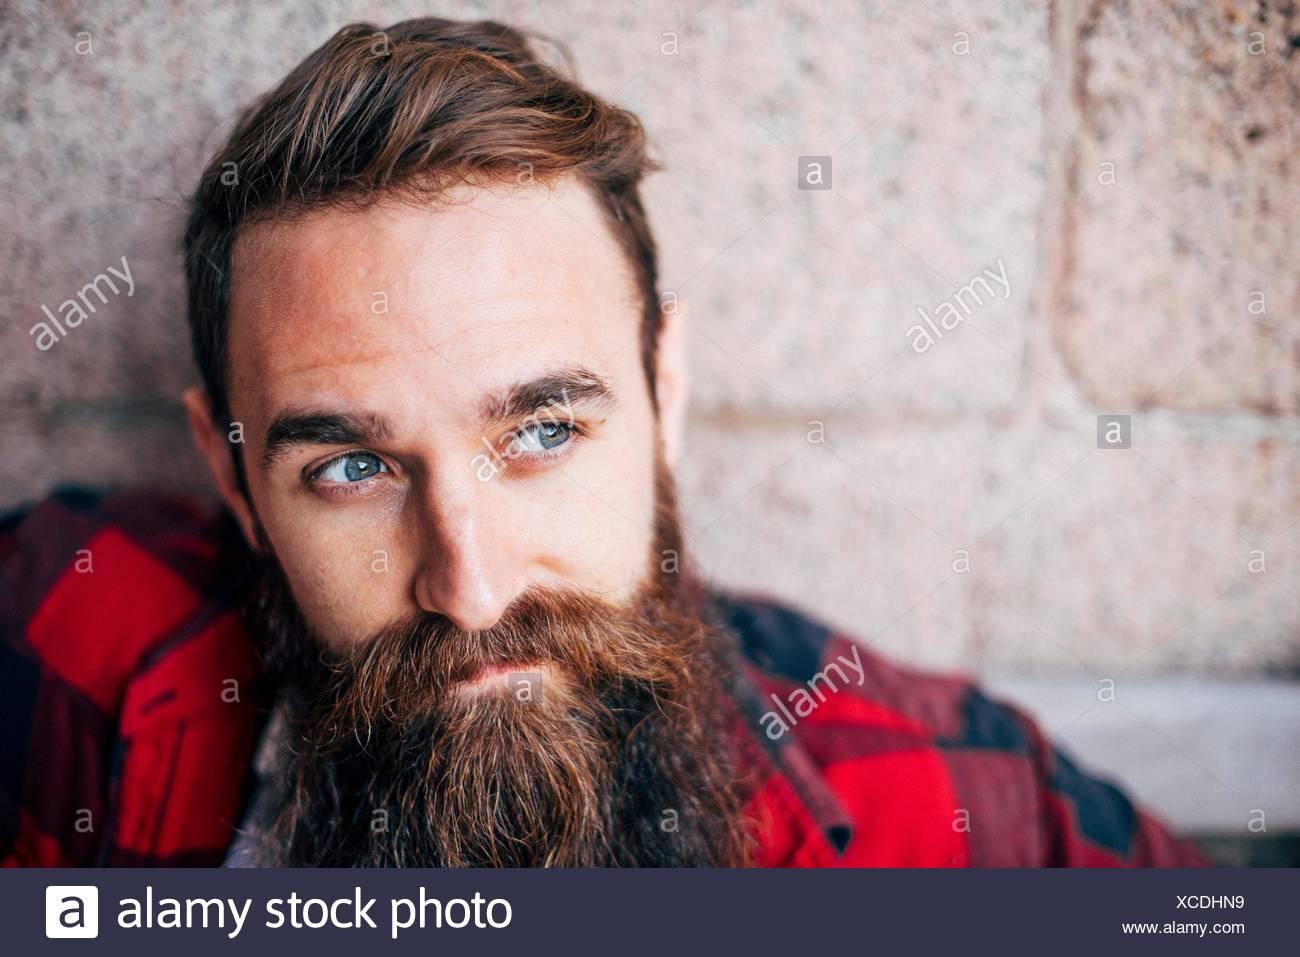 Retrato de hombre con barba mirando lejos Imagen De Stock